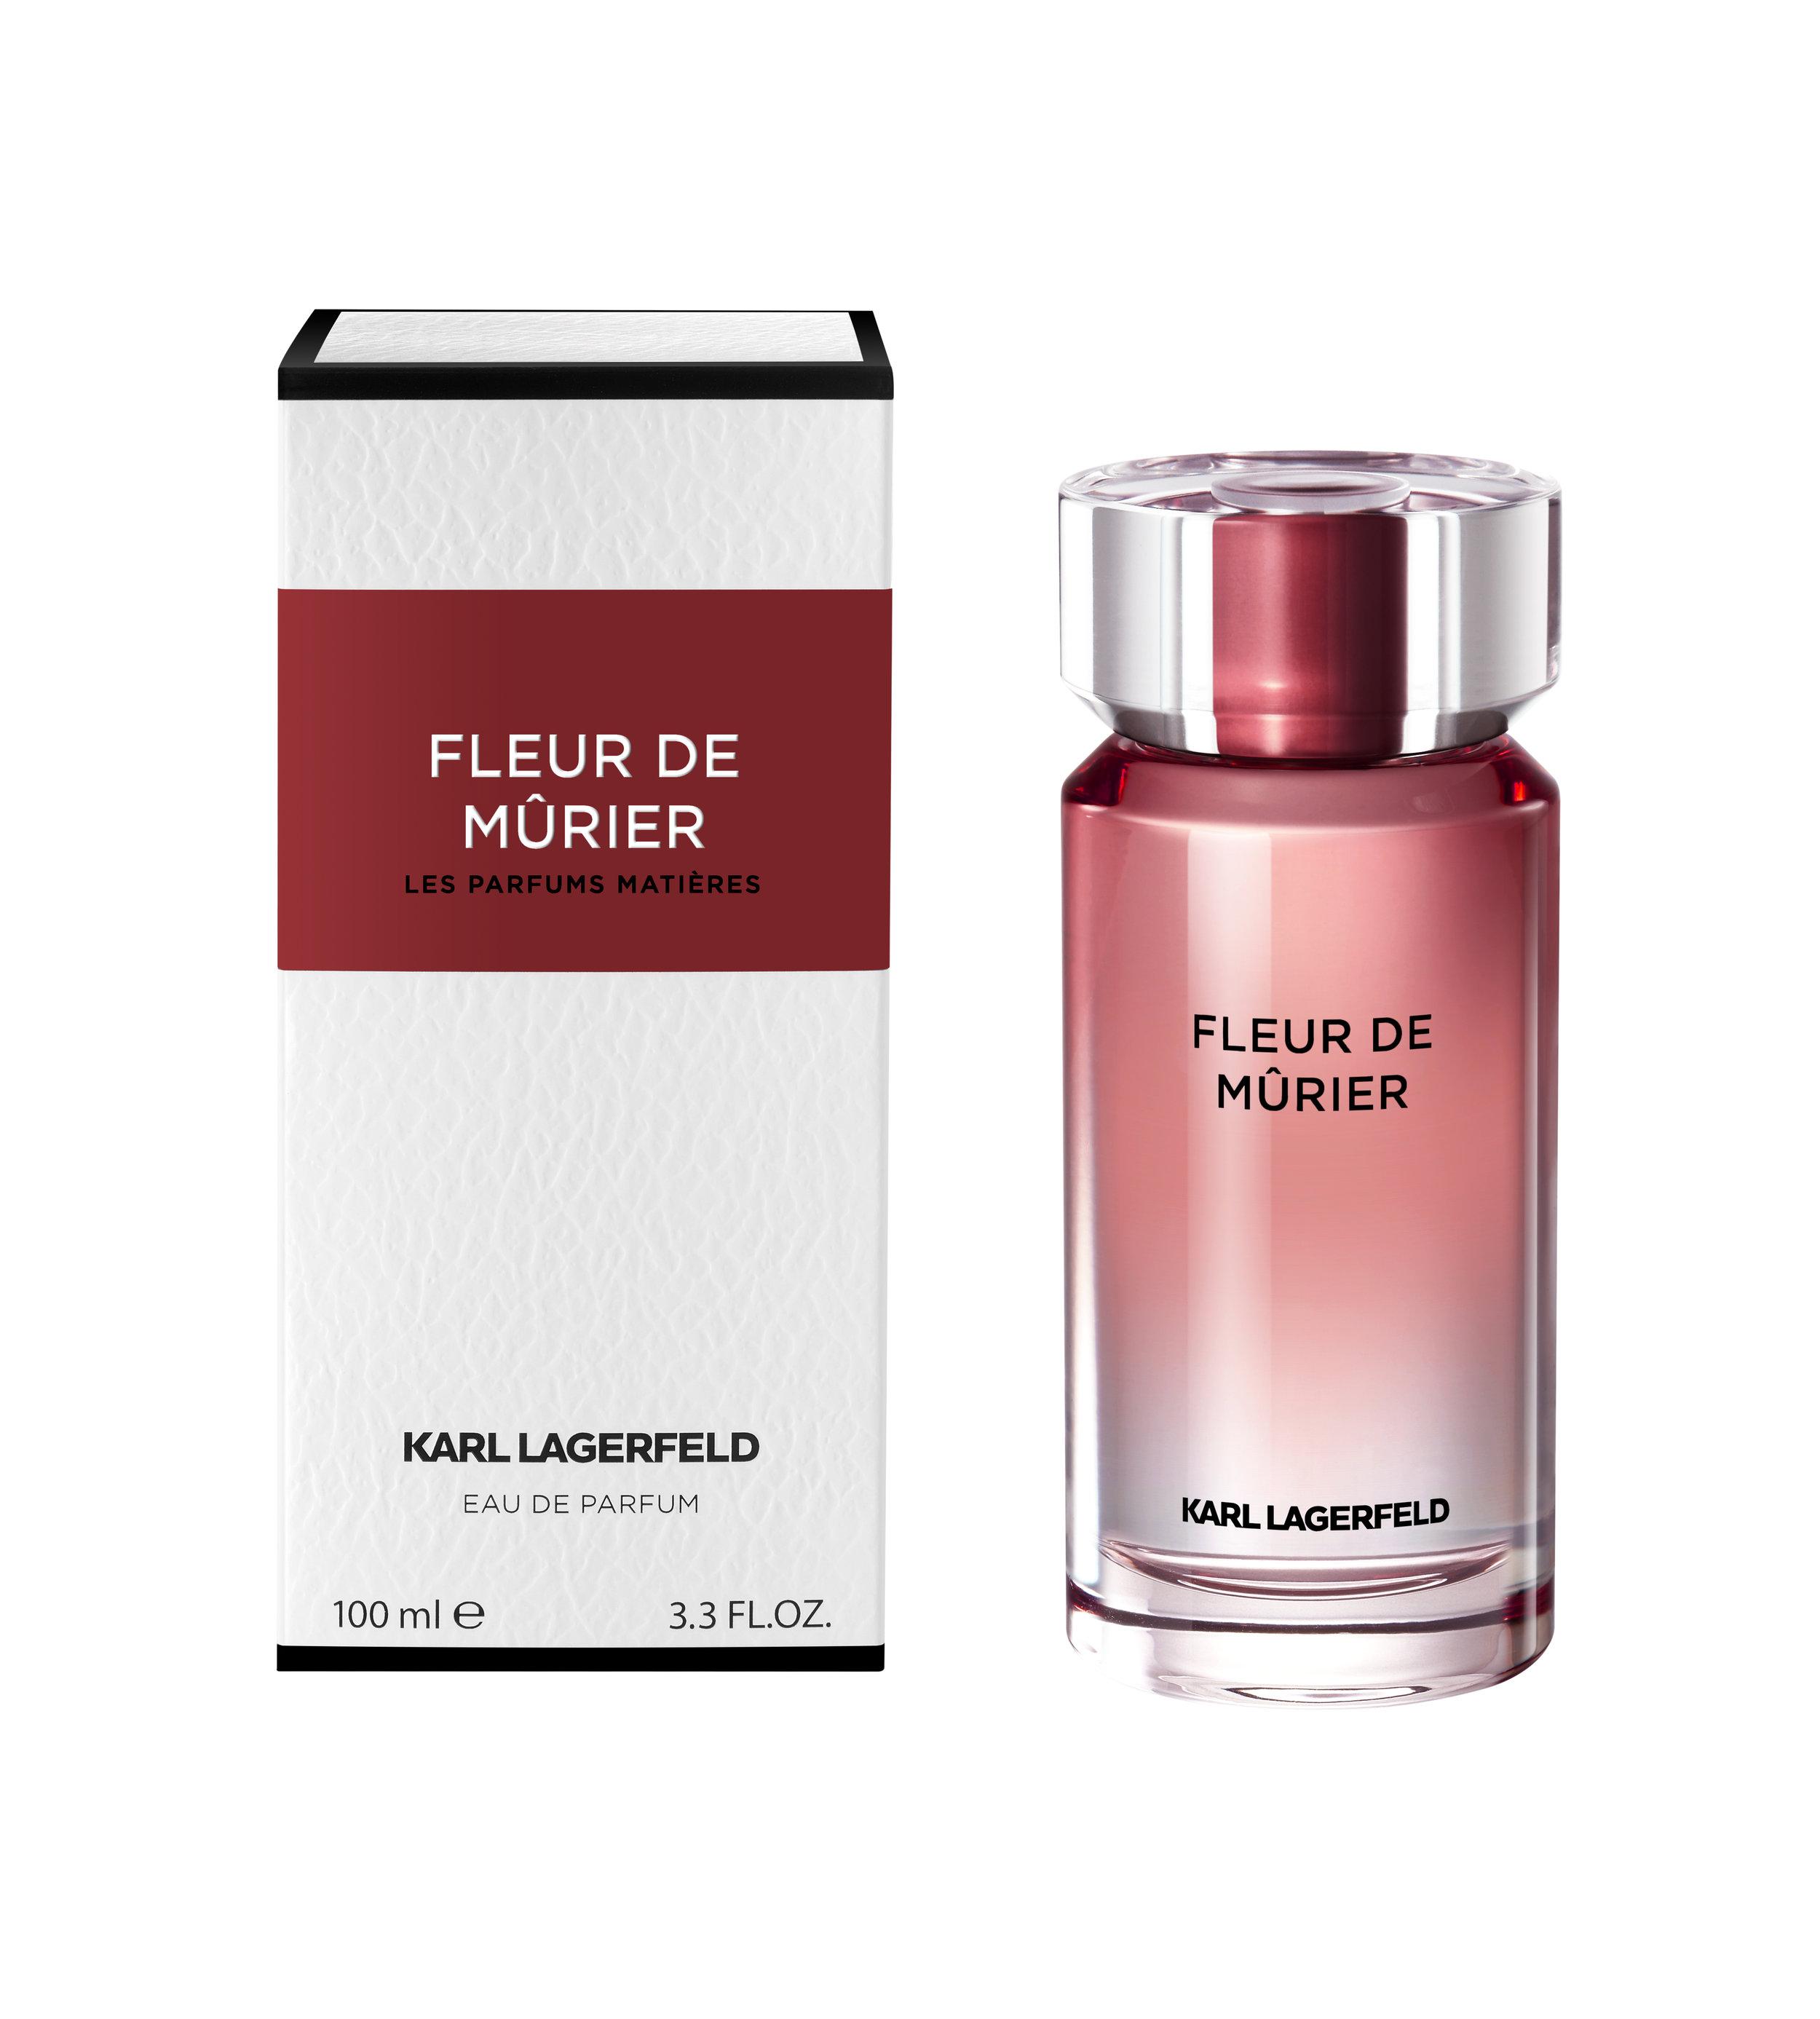 3386460101851-karl-parfums-matieres-fleurs-de-murier-100ml-front-pack-bottle-.jpg